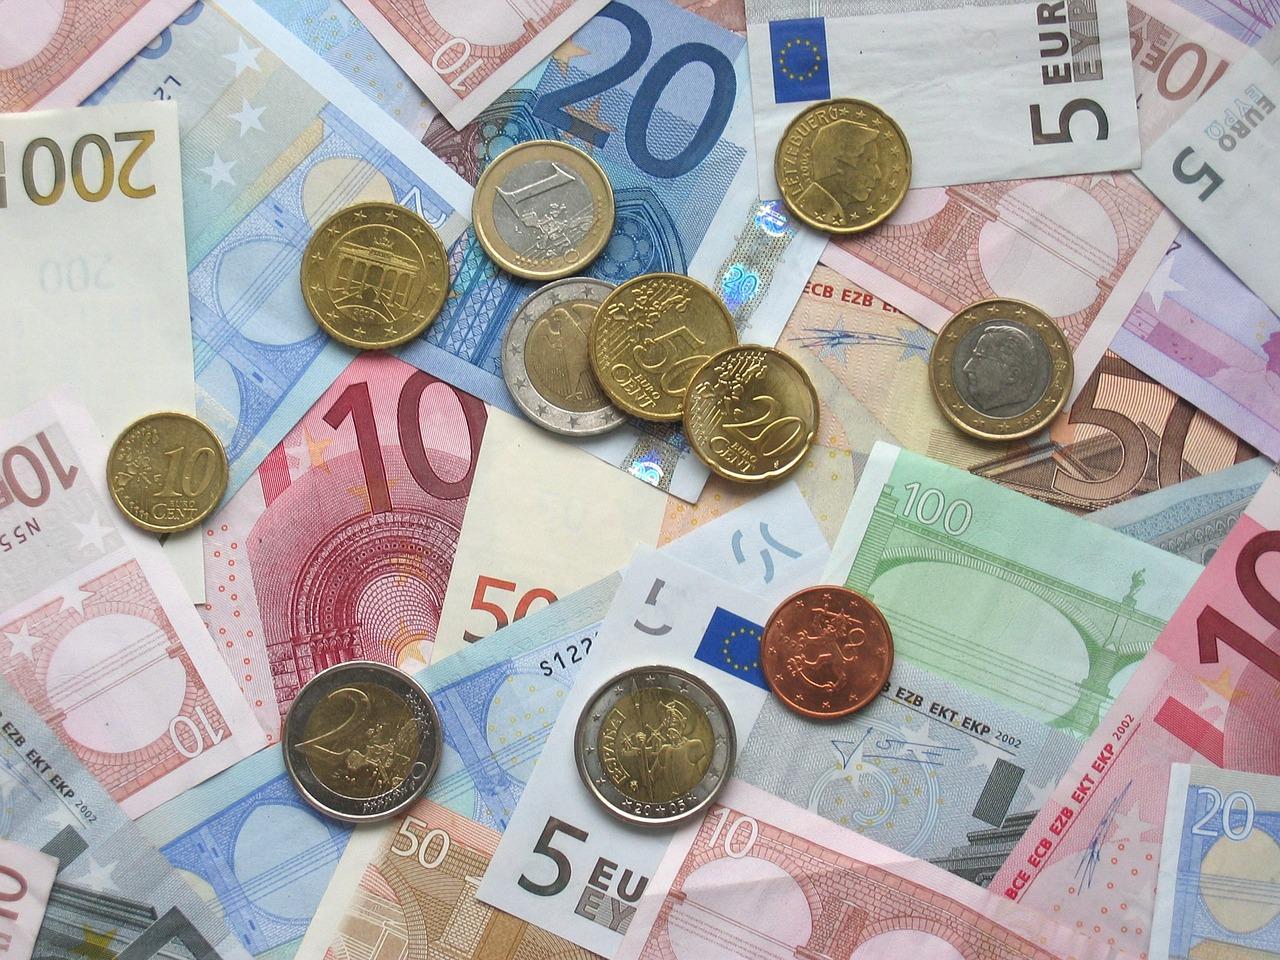 euro, bank notes, coins